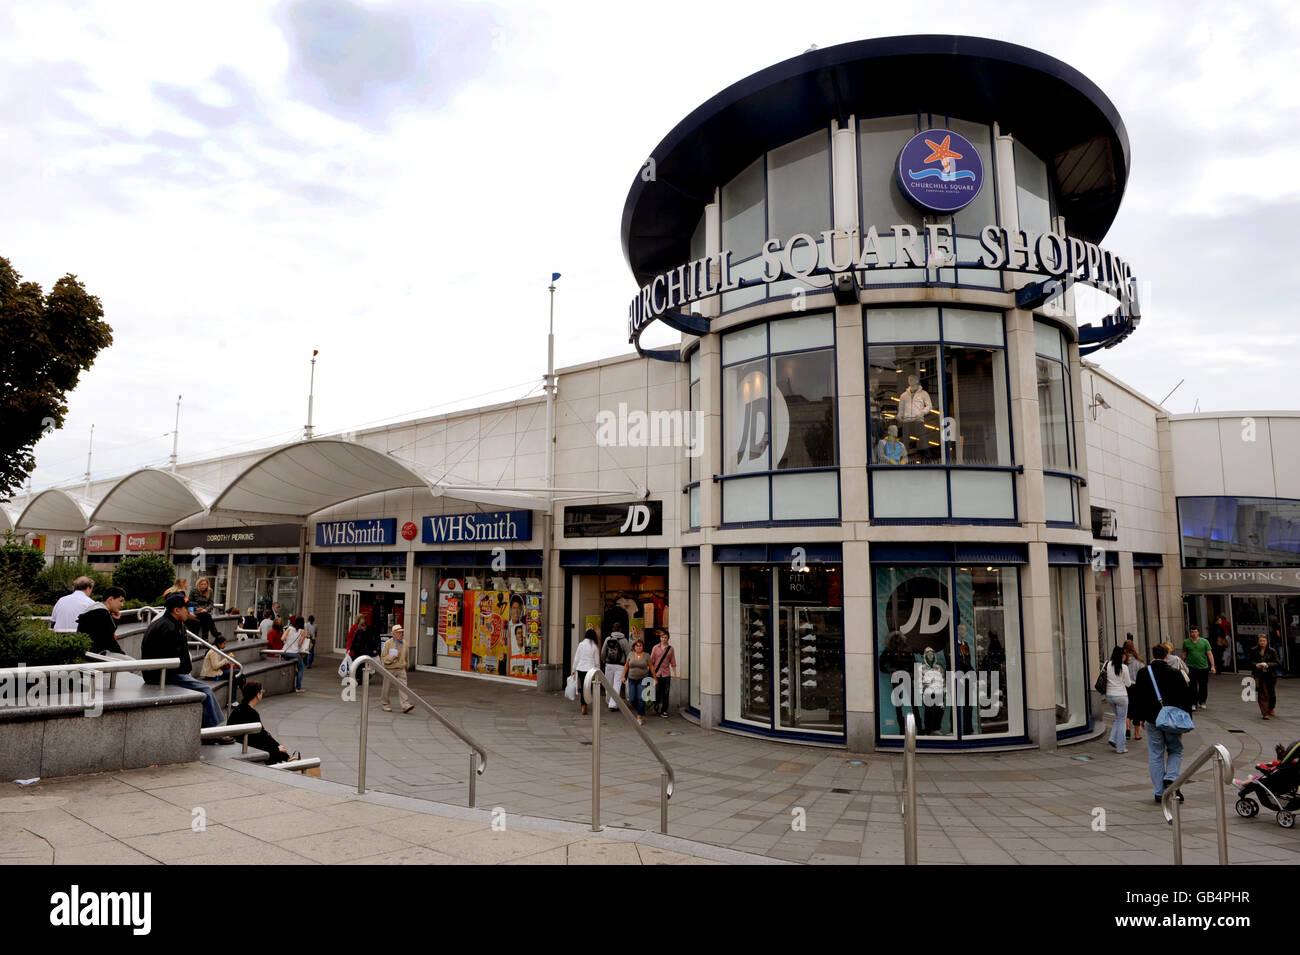 churchill square shoe shops